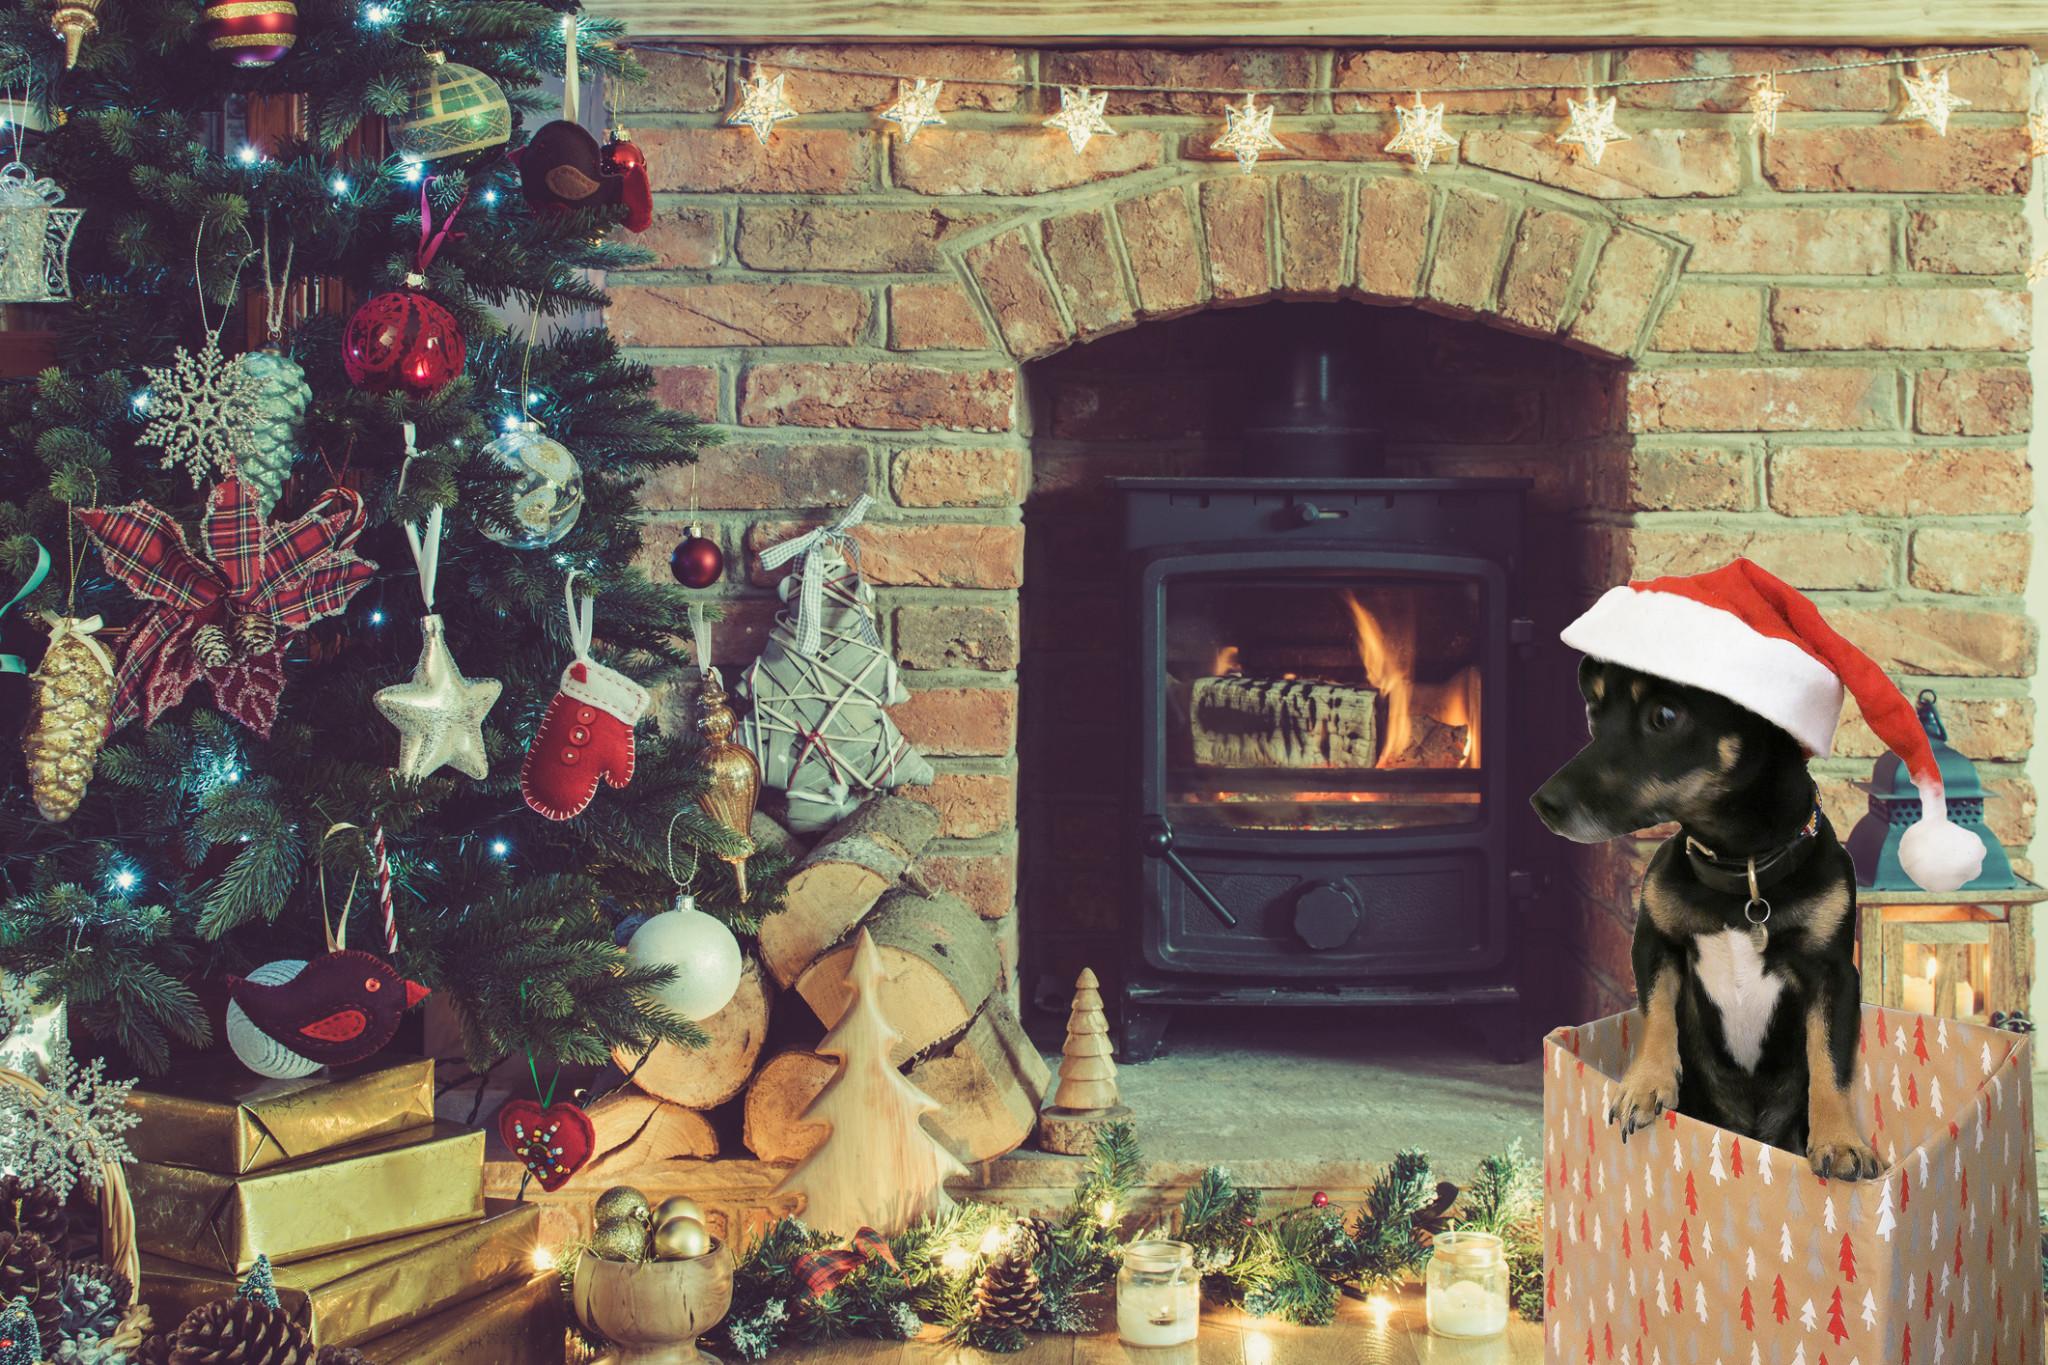 christmas_scene_with_reggie